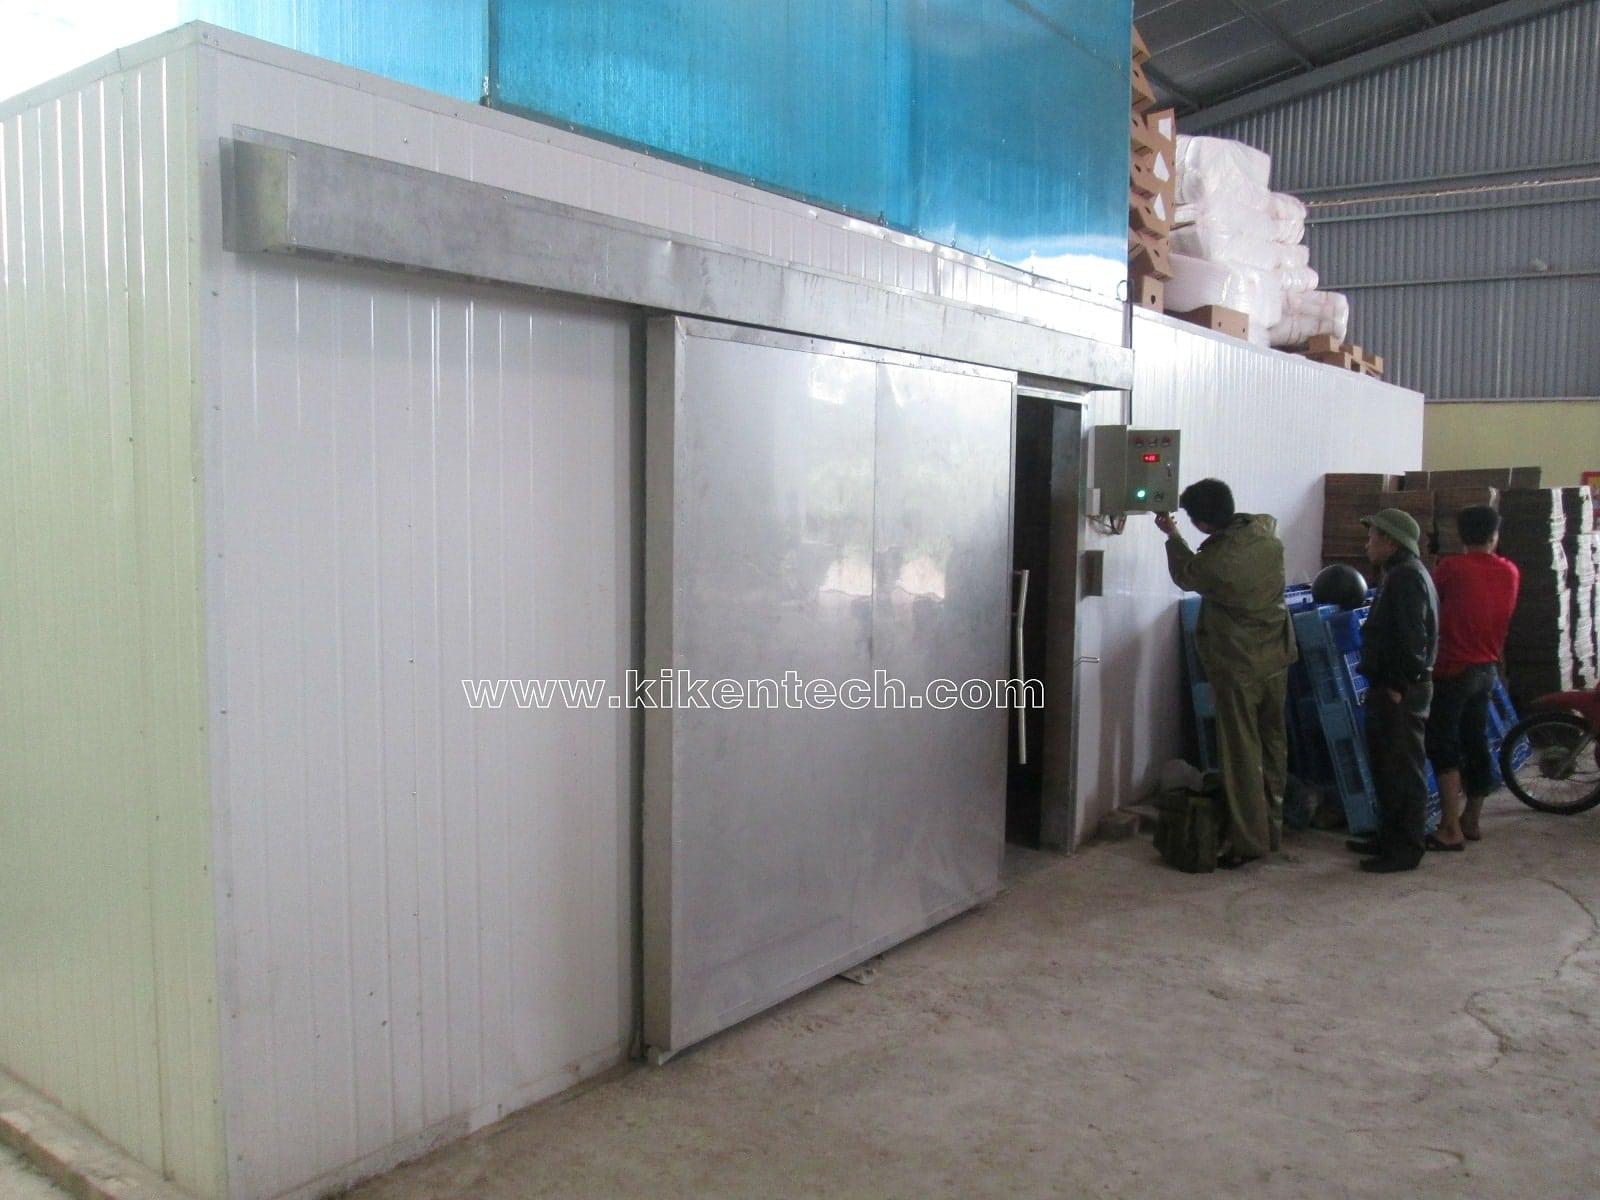 Kikentech là đơn vị lắp đặt kho lạnh bảo quản uy tín nhất Việt Nam. Cửa trượt kho lạnh bảo quản được thi công lắp đặt tỷ mỉ. Thi công lắp đặt cửa kho lạnh.